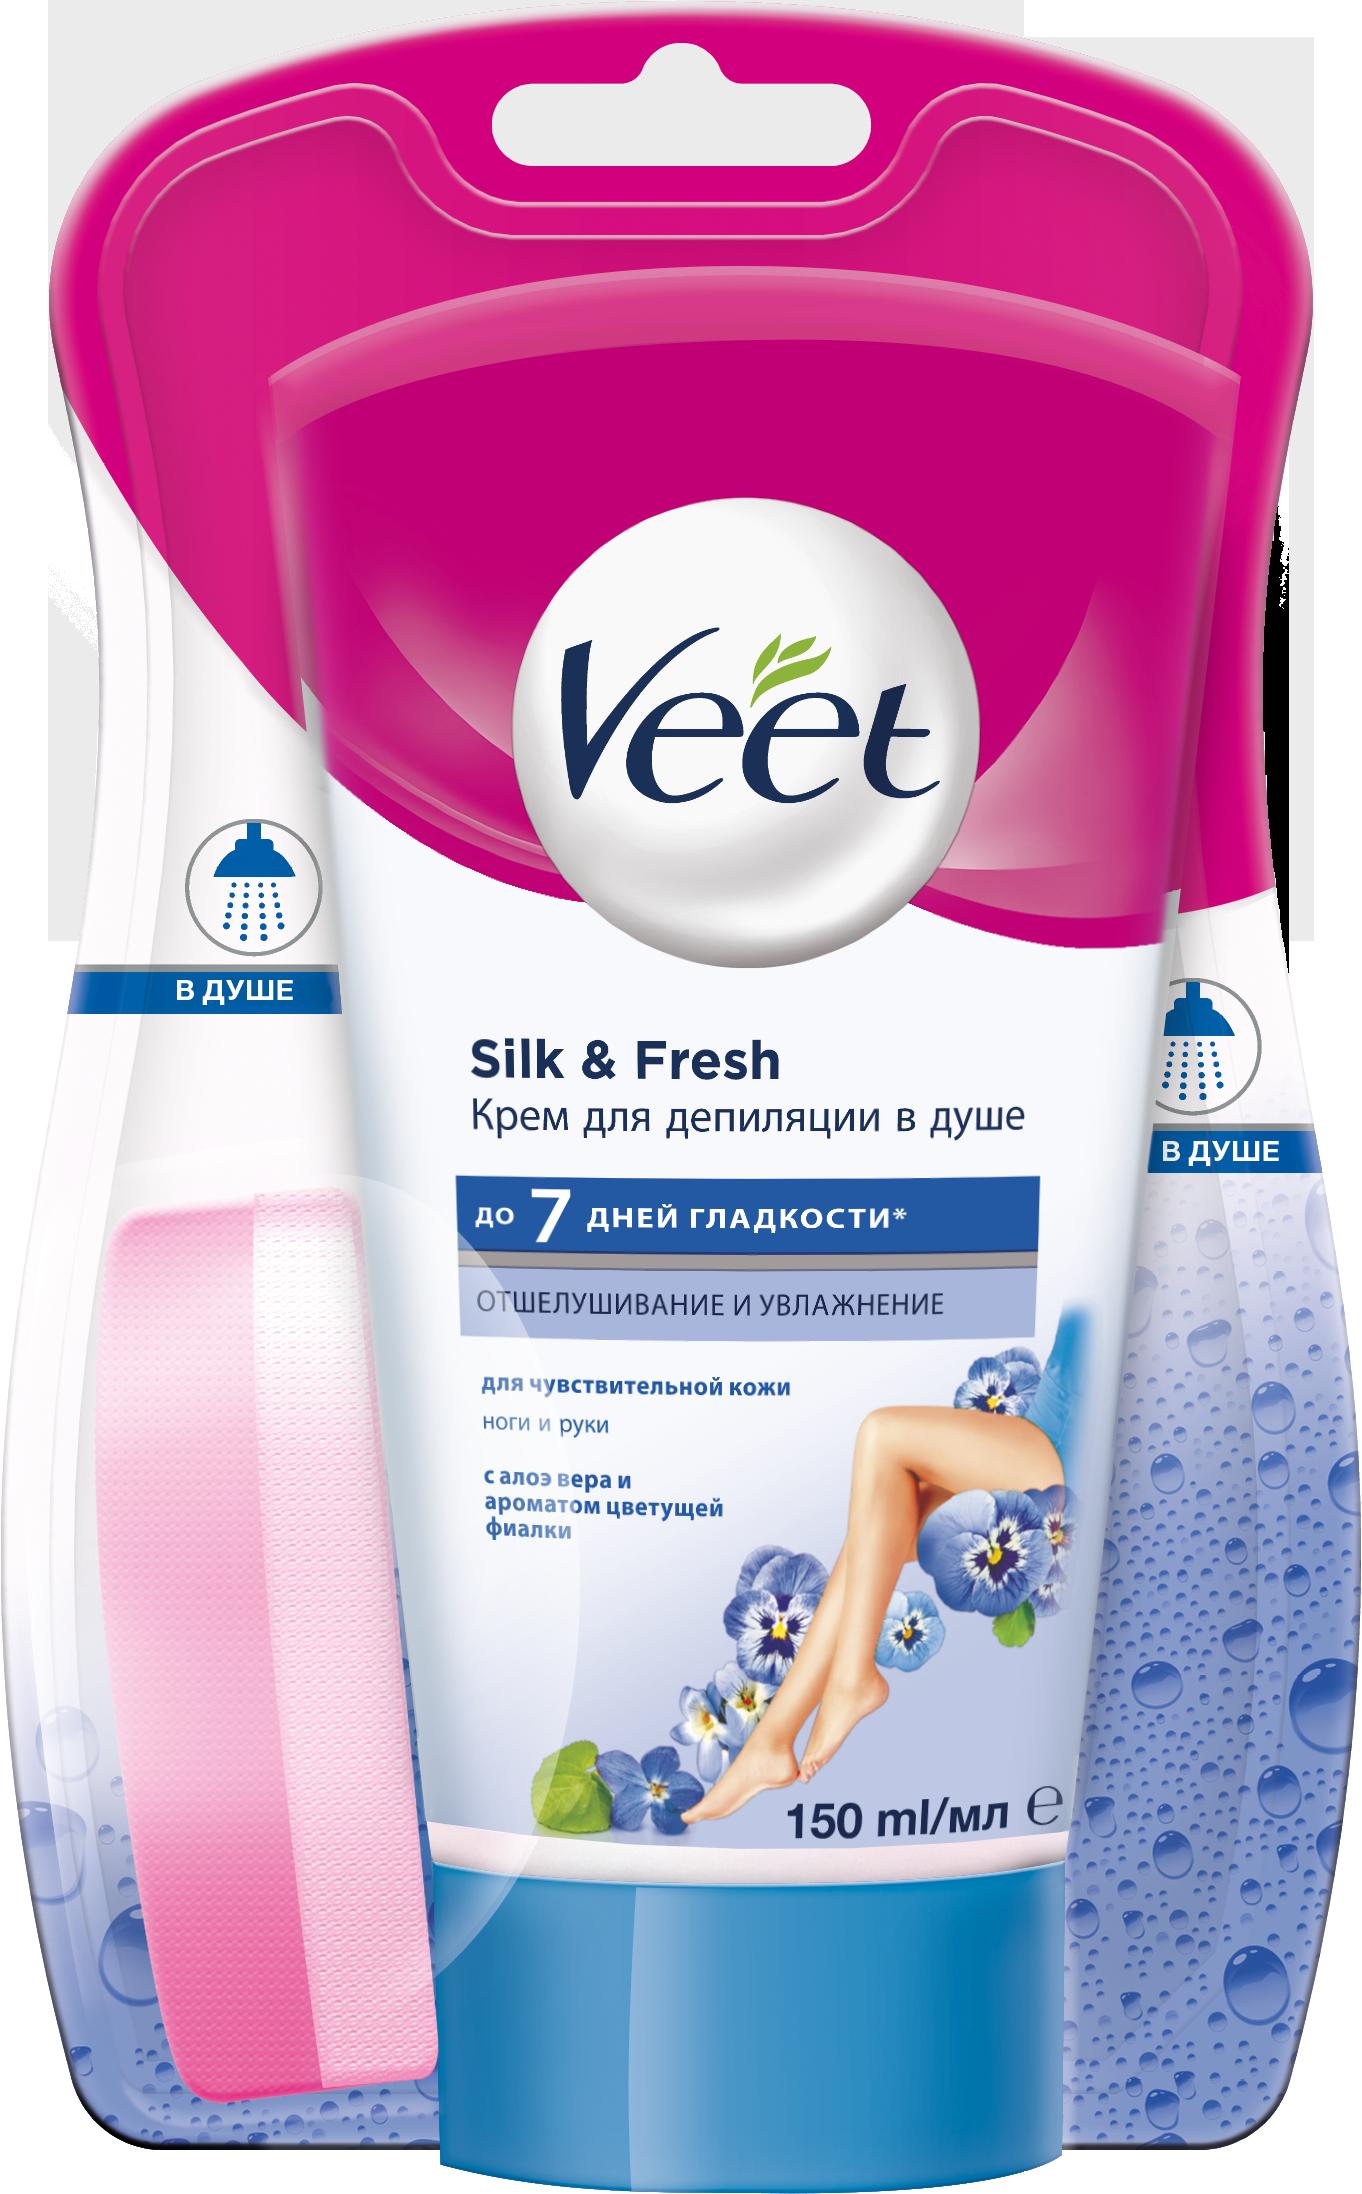 Крем для депиляции Veet Для чувствительной кожи